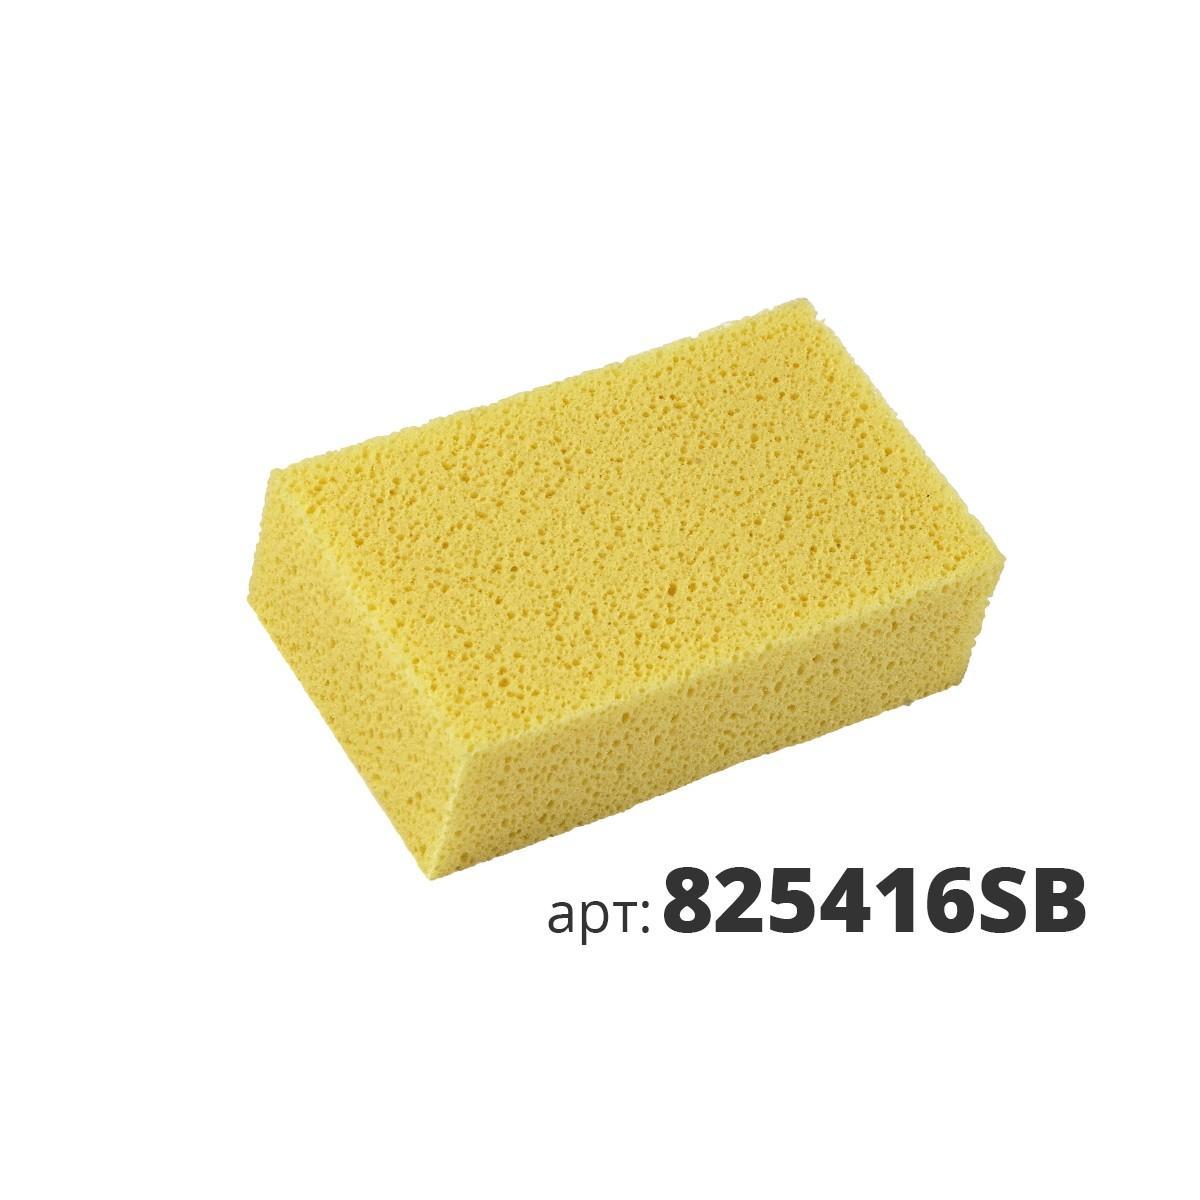 МАКО губка - пенный пластик, высококачественная мелкопористая губка 825416SB